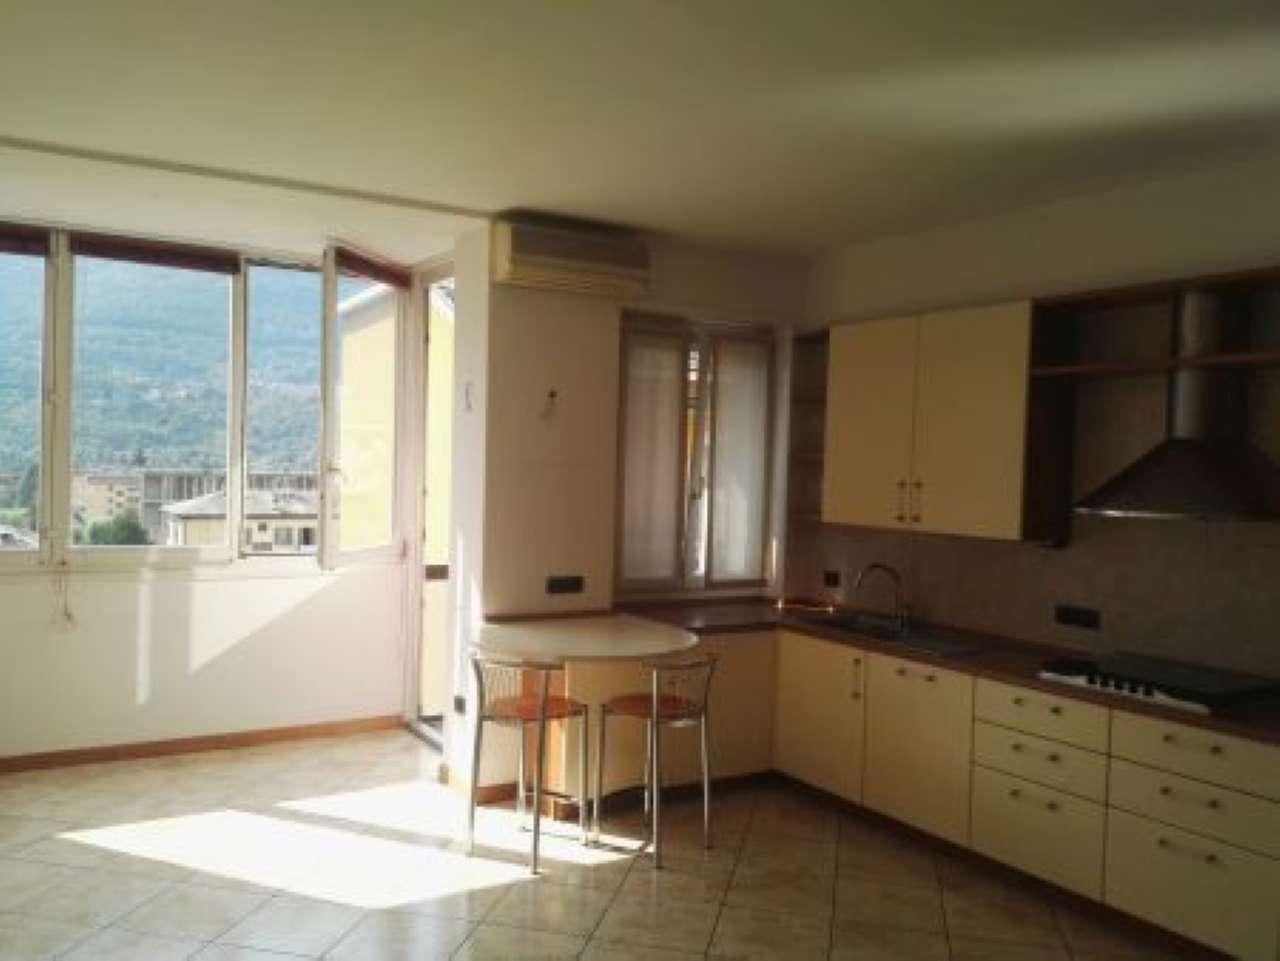 Appartamento in affitto a Sondrio, 3 locali, Trattative riservate | CambioCasa.it